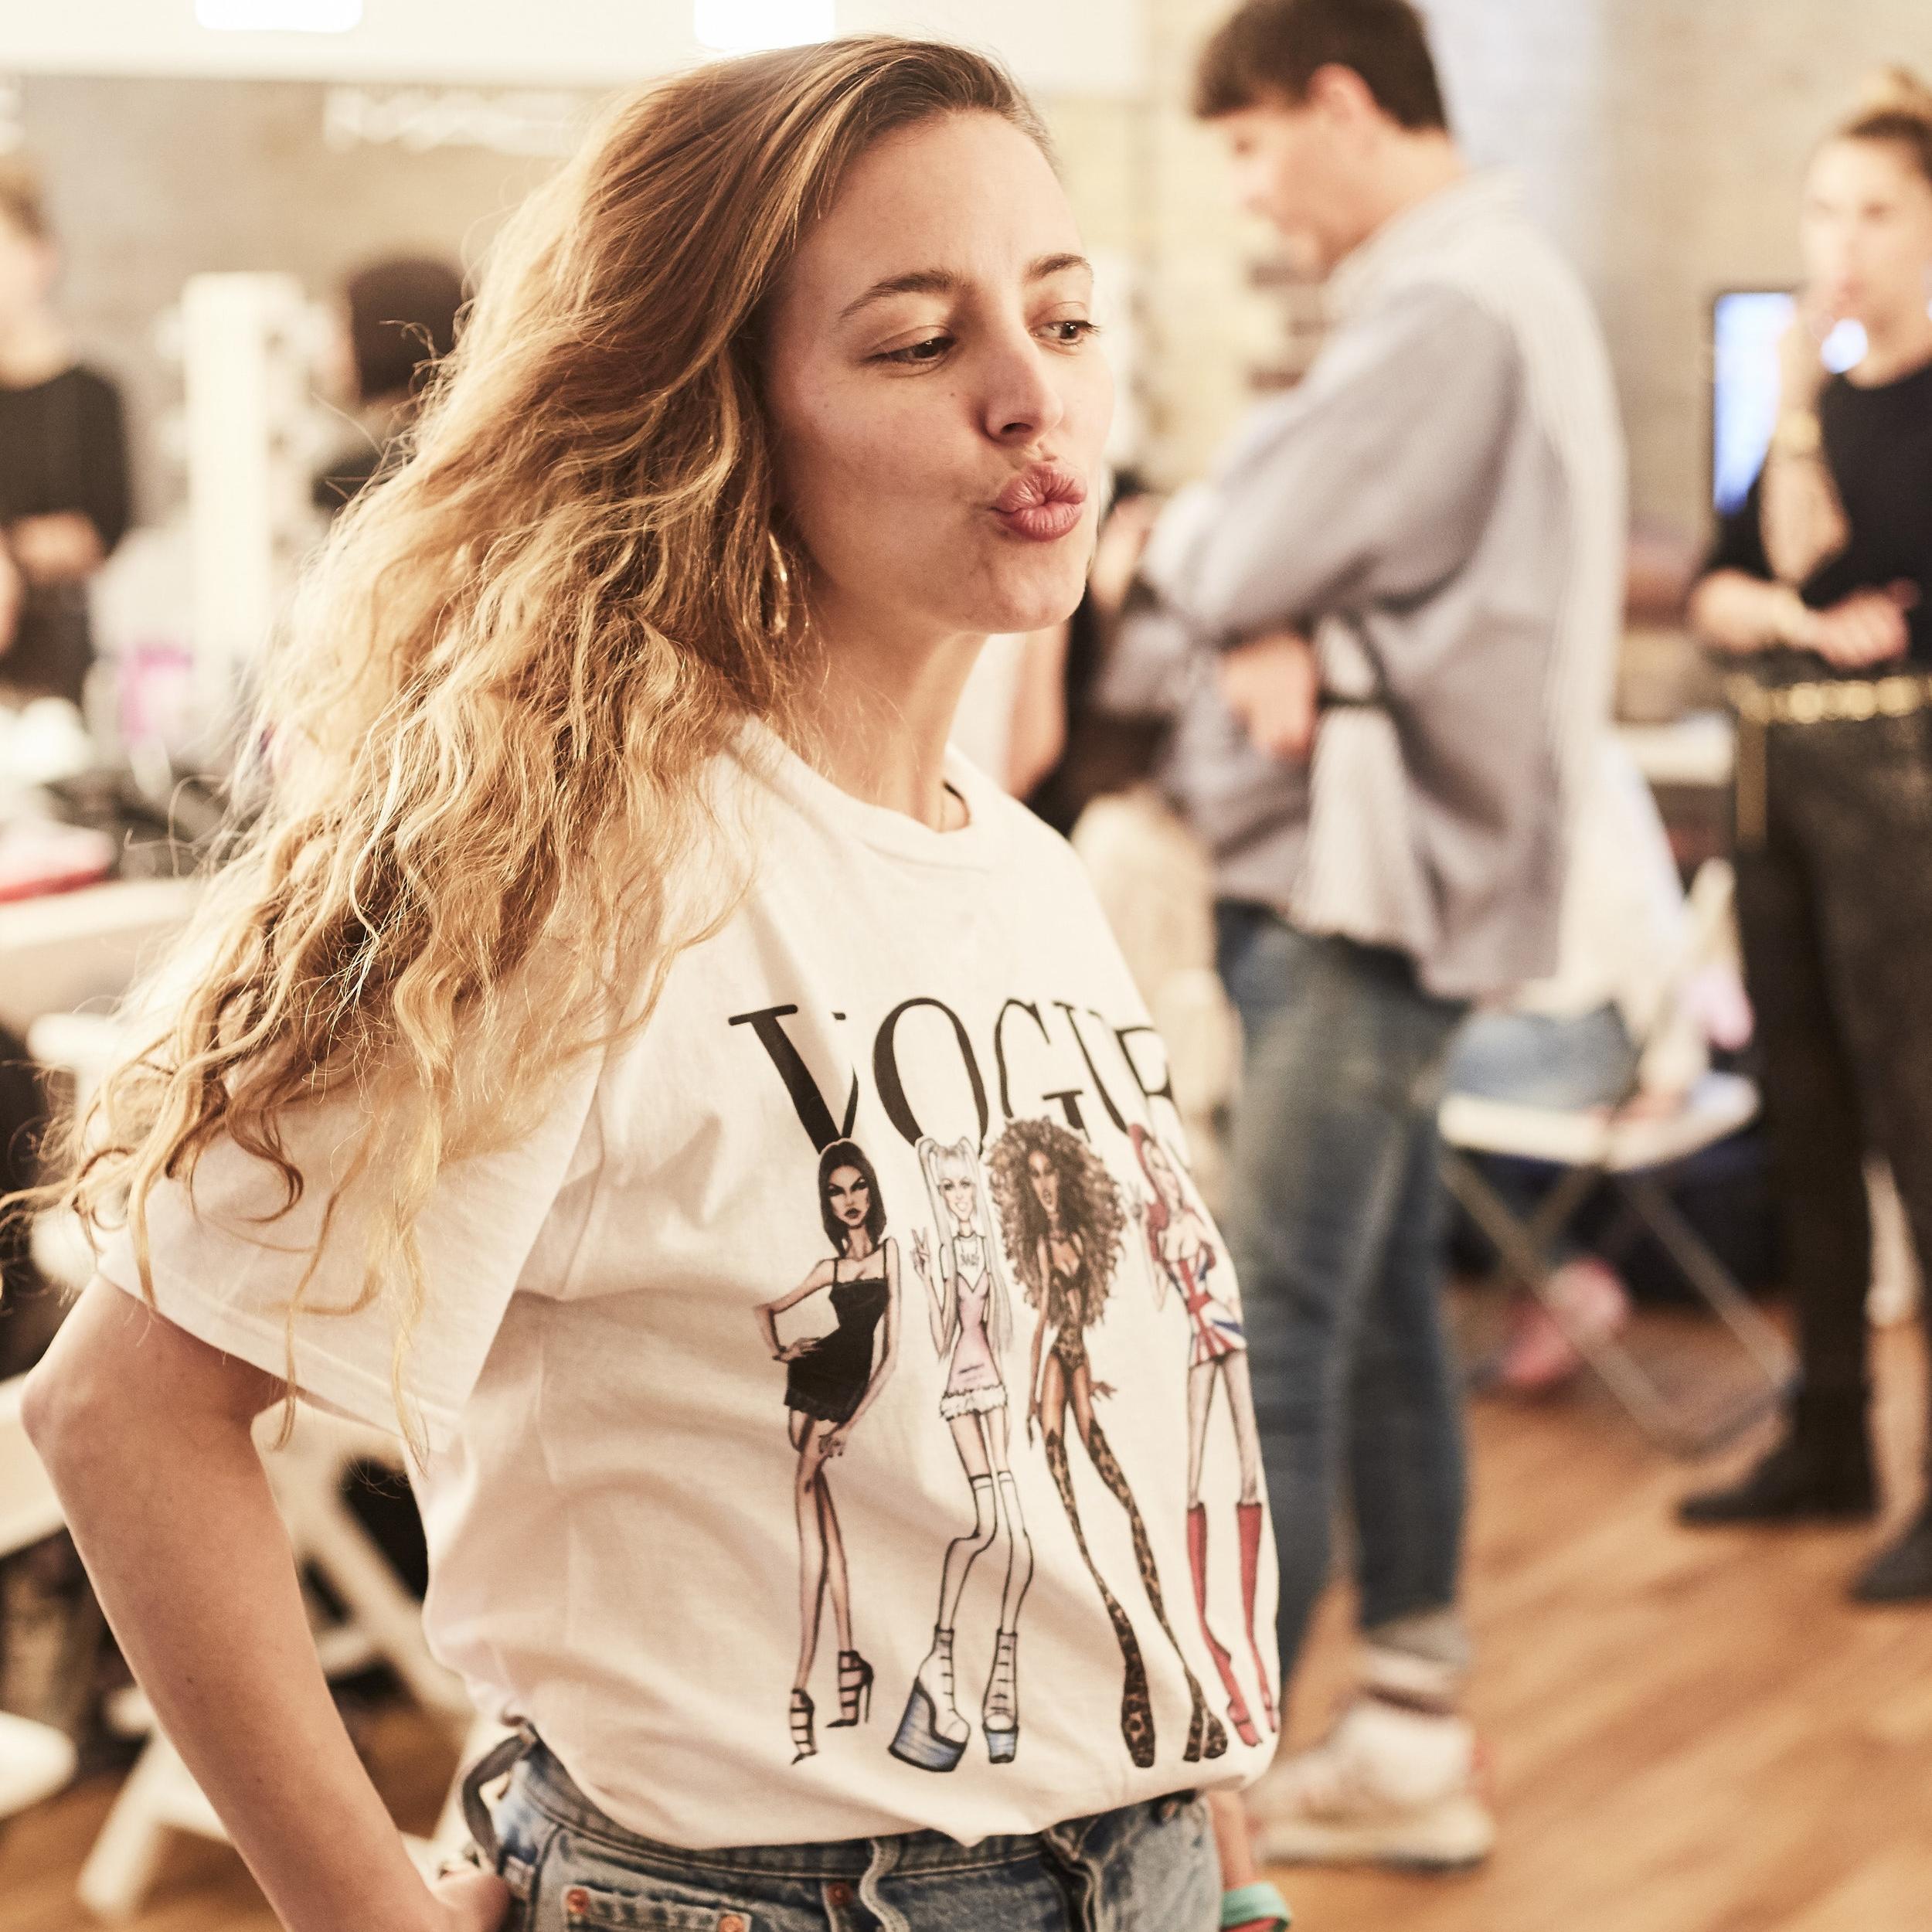 Cecilia Bourgueil_Gründerin_Haare & Make up - Ceciliaversprüht Power und Frische wo sie steht und geht. Durch die Vielfalt ihrer Erfahrungen internationaler Facetten bietet sie alle bunten und schimmernden Farbpaletten die sie schon seit 20 Jahren als Hair & Make up Artist kredenzt. So bringt sie jede Produktion mit High Class Ergebnissen auf den Punkt.